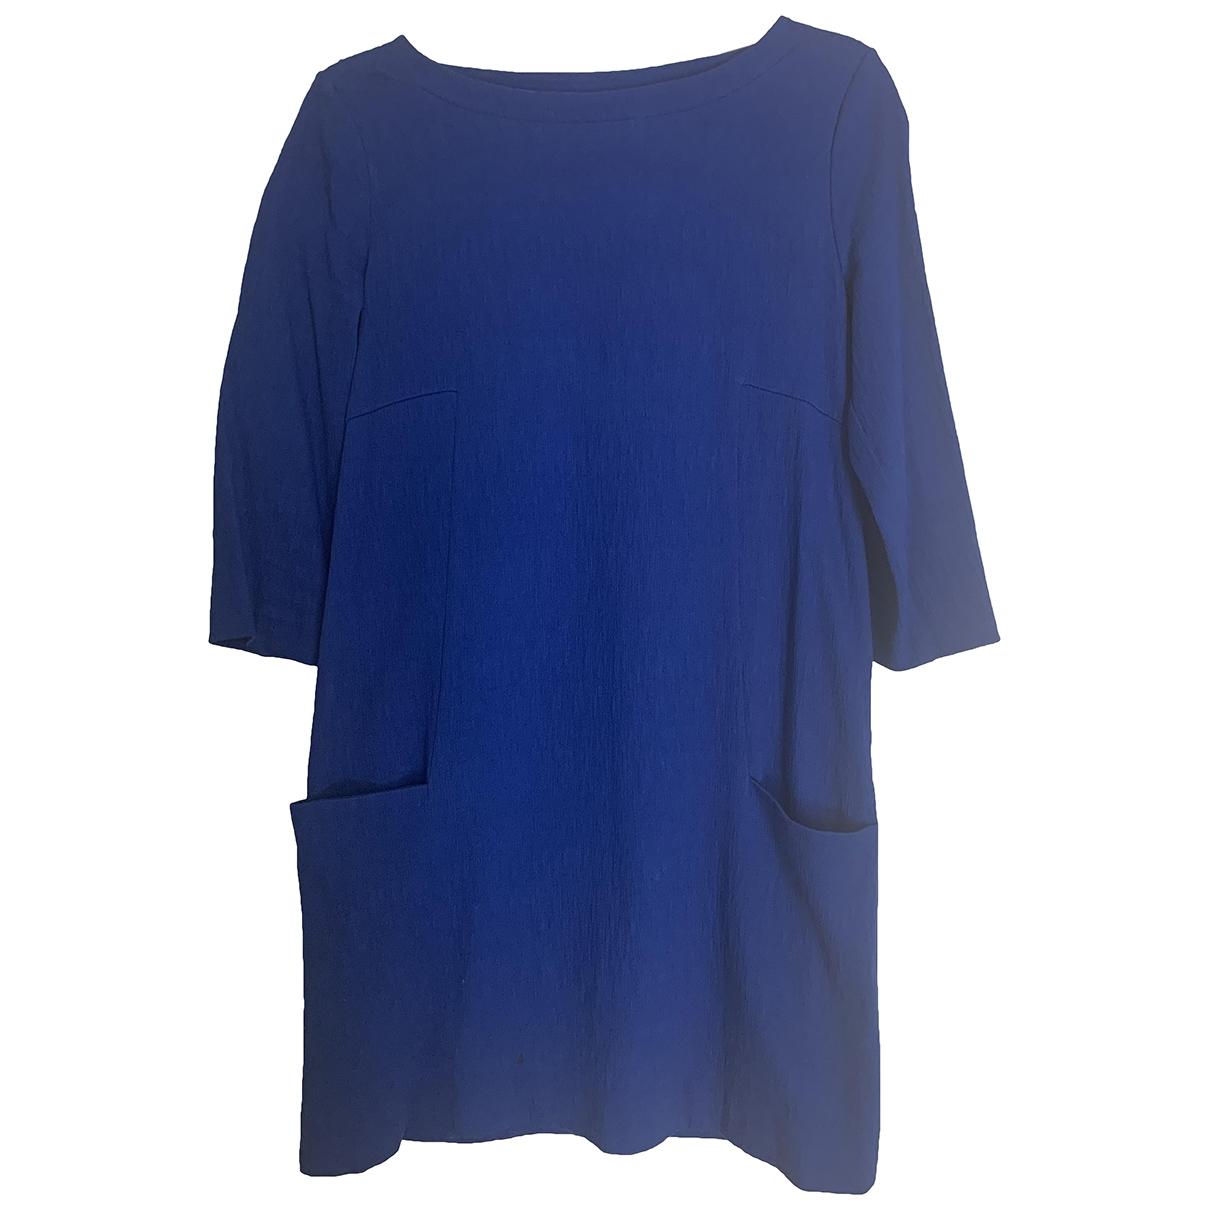 Byblos \N Kleid in  Blau Baumwolle - Elasthan